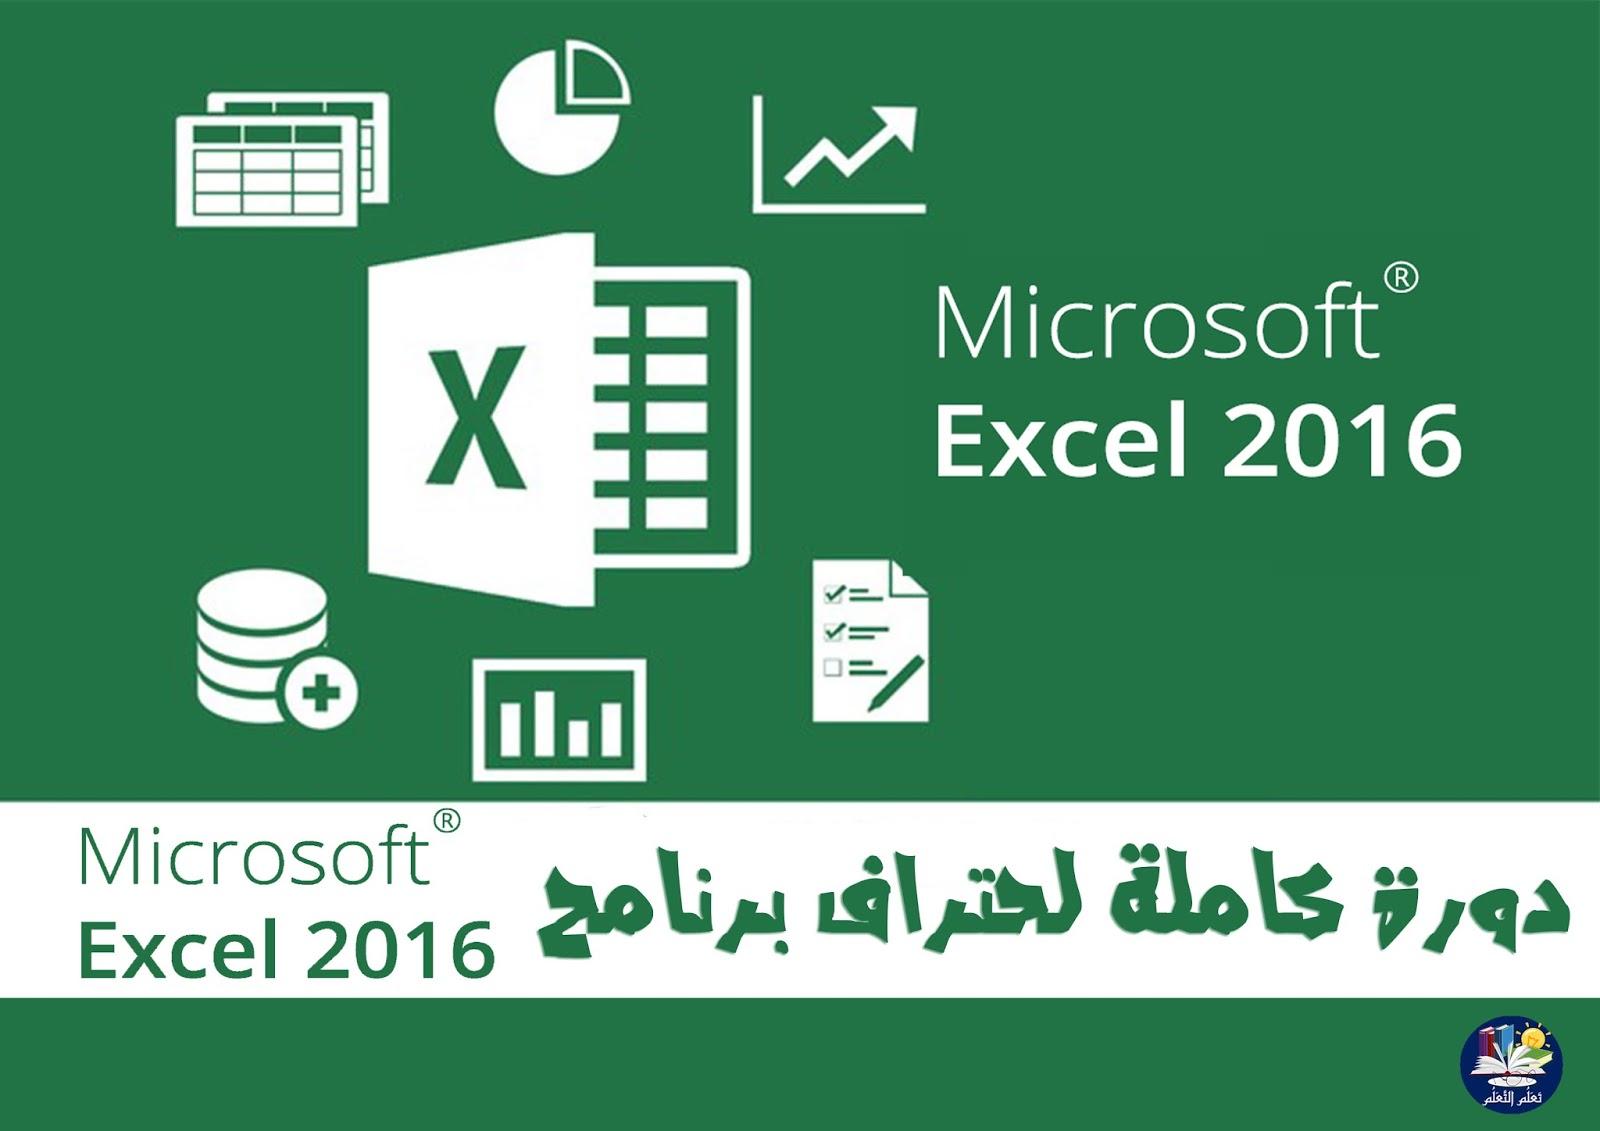 دورة, كاملة, لحتراف, برنامح, Microsoft ,Excel ,2016